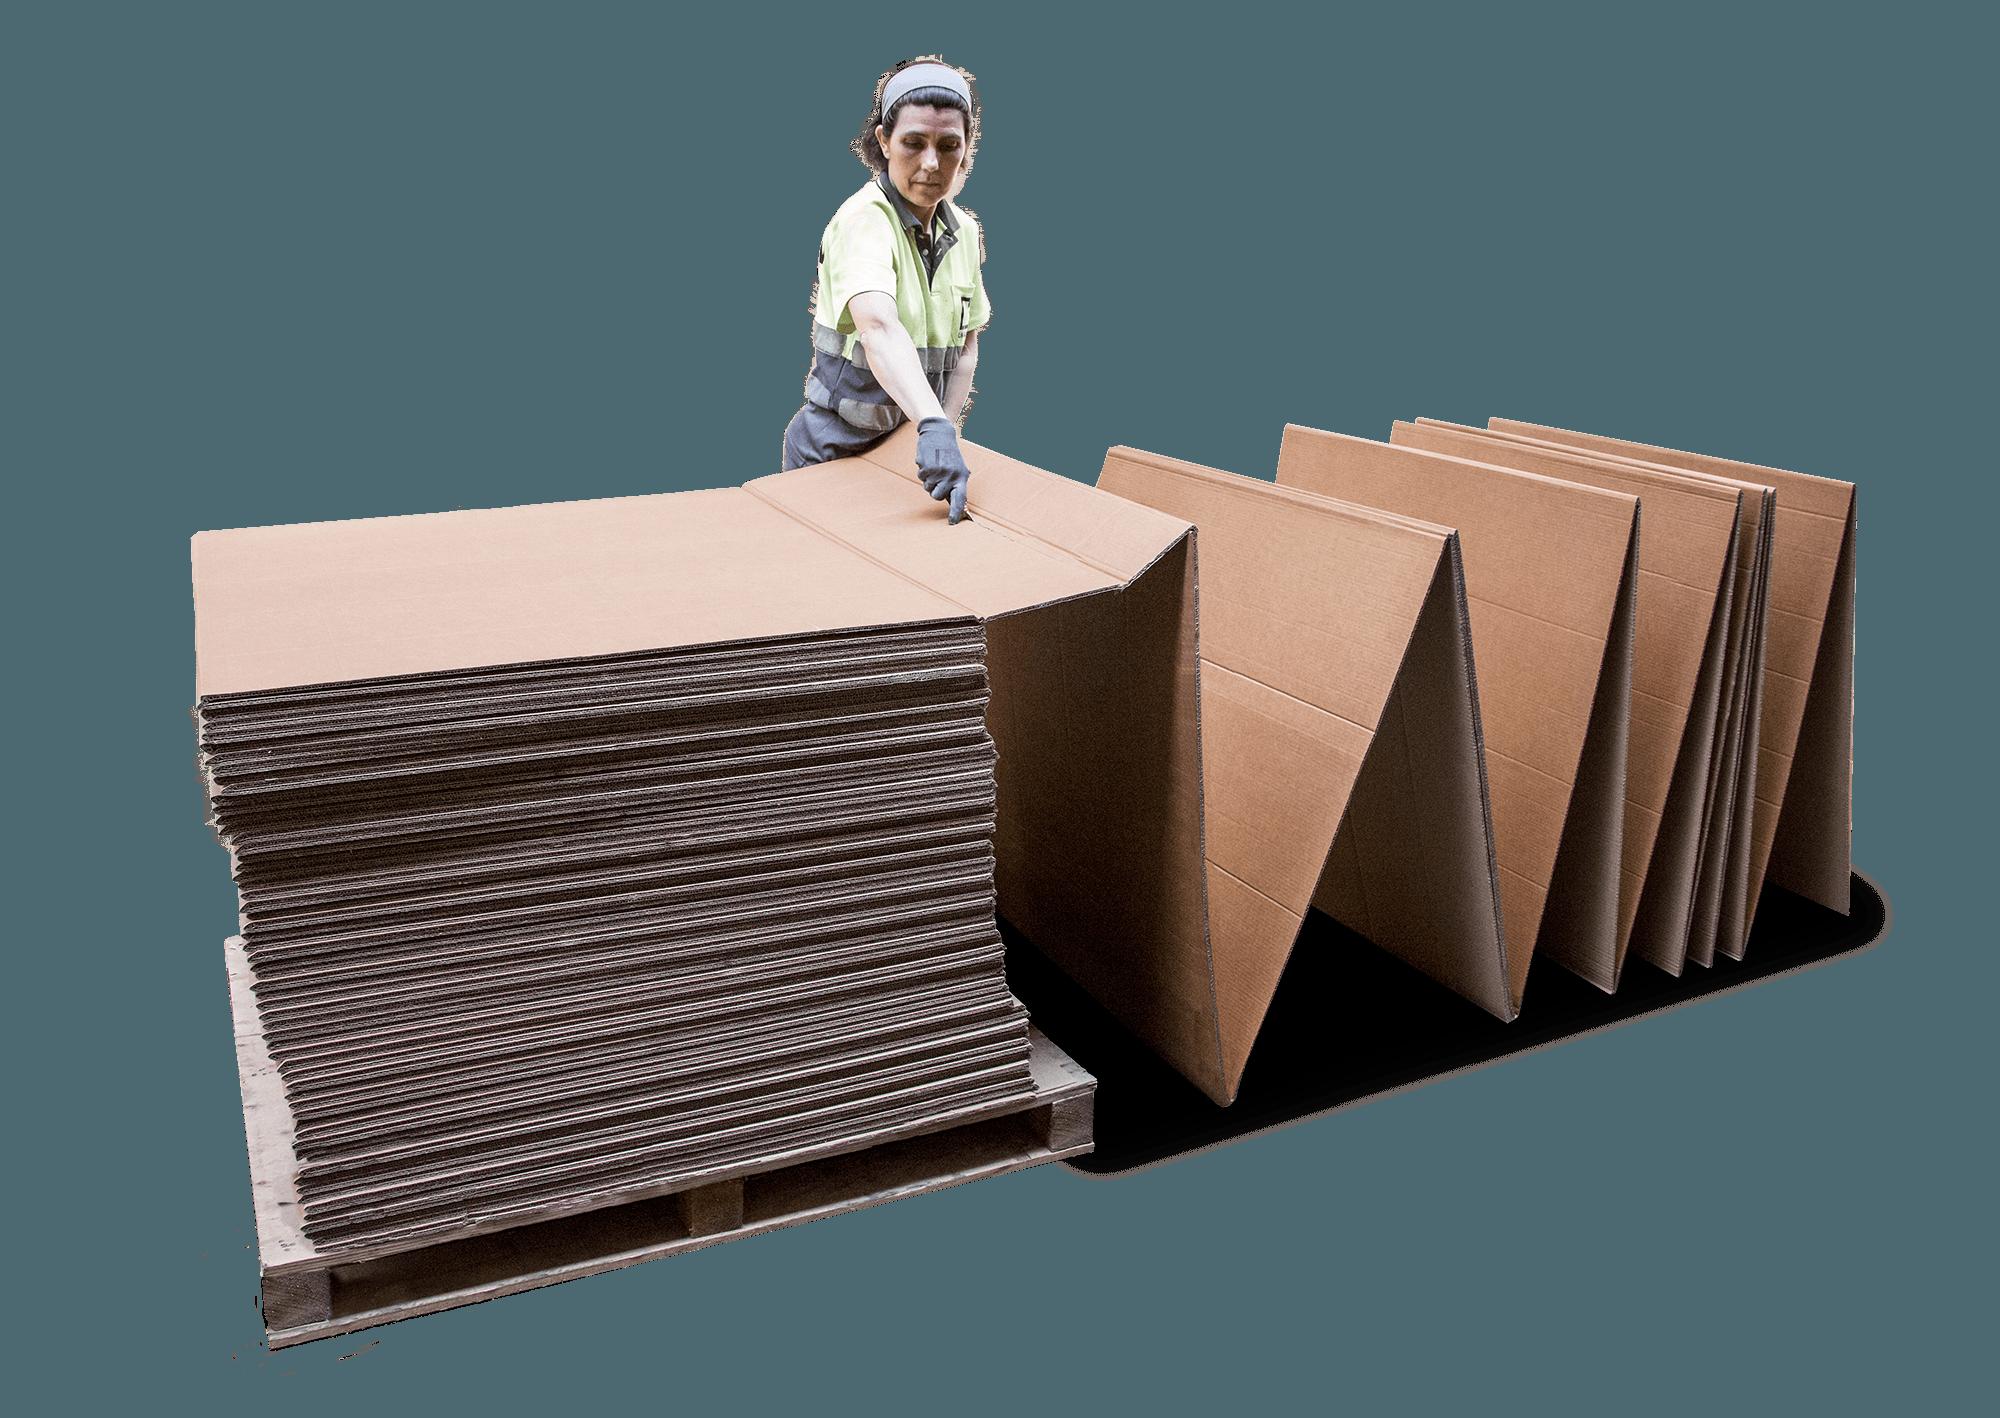 Cortando cartón fanfold